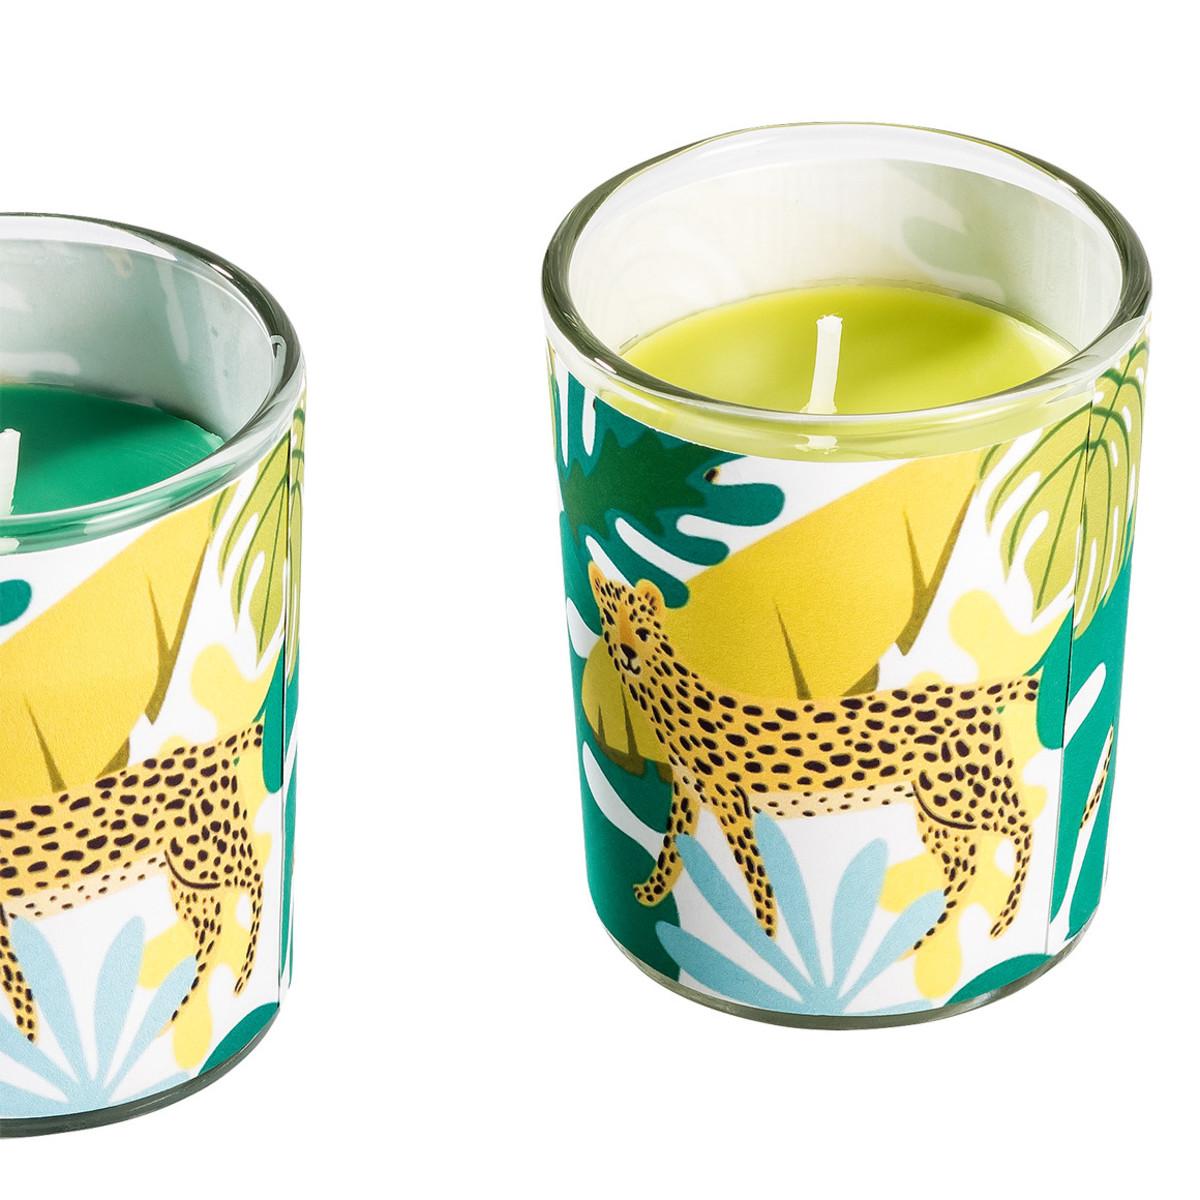 Bild 3 von 3 Kerzen im Glas mit Dschungel-Motiven